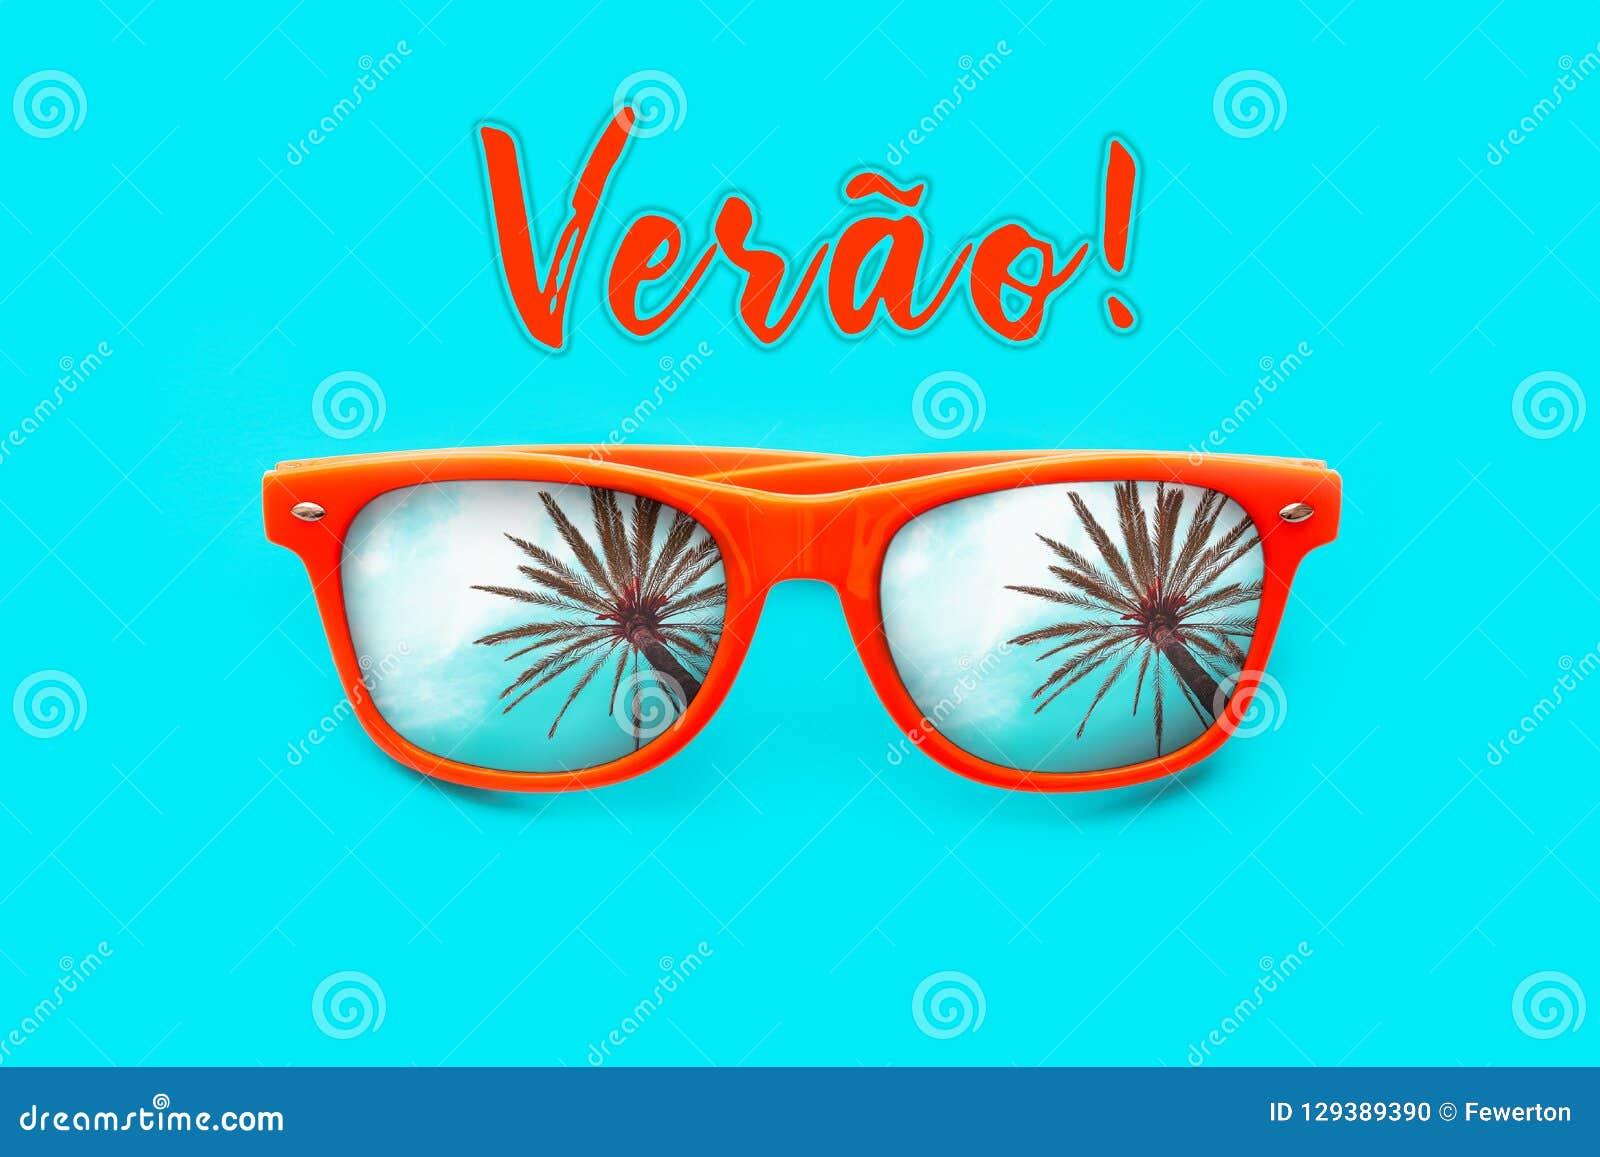 Testo di Verao in portoghese: Estate ed occhiali da sole arancio con le riflessioni della palma isolati nel ciano fondo